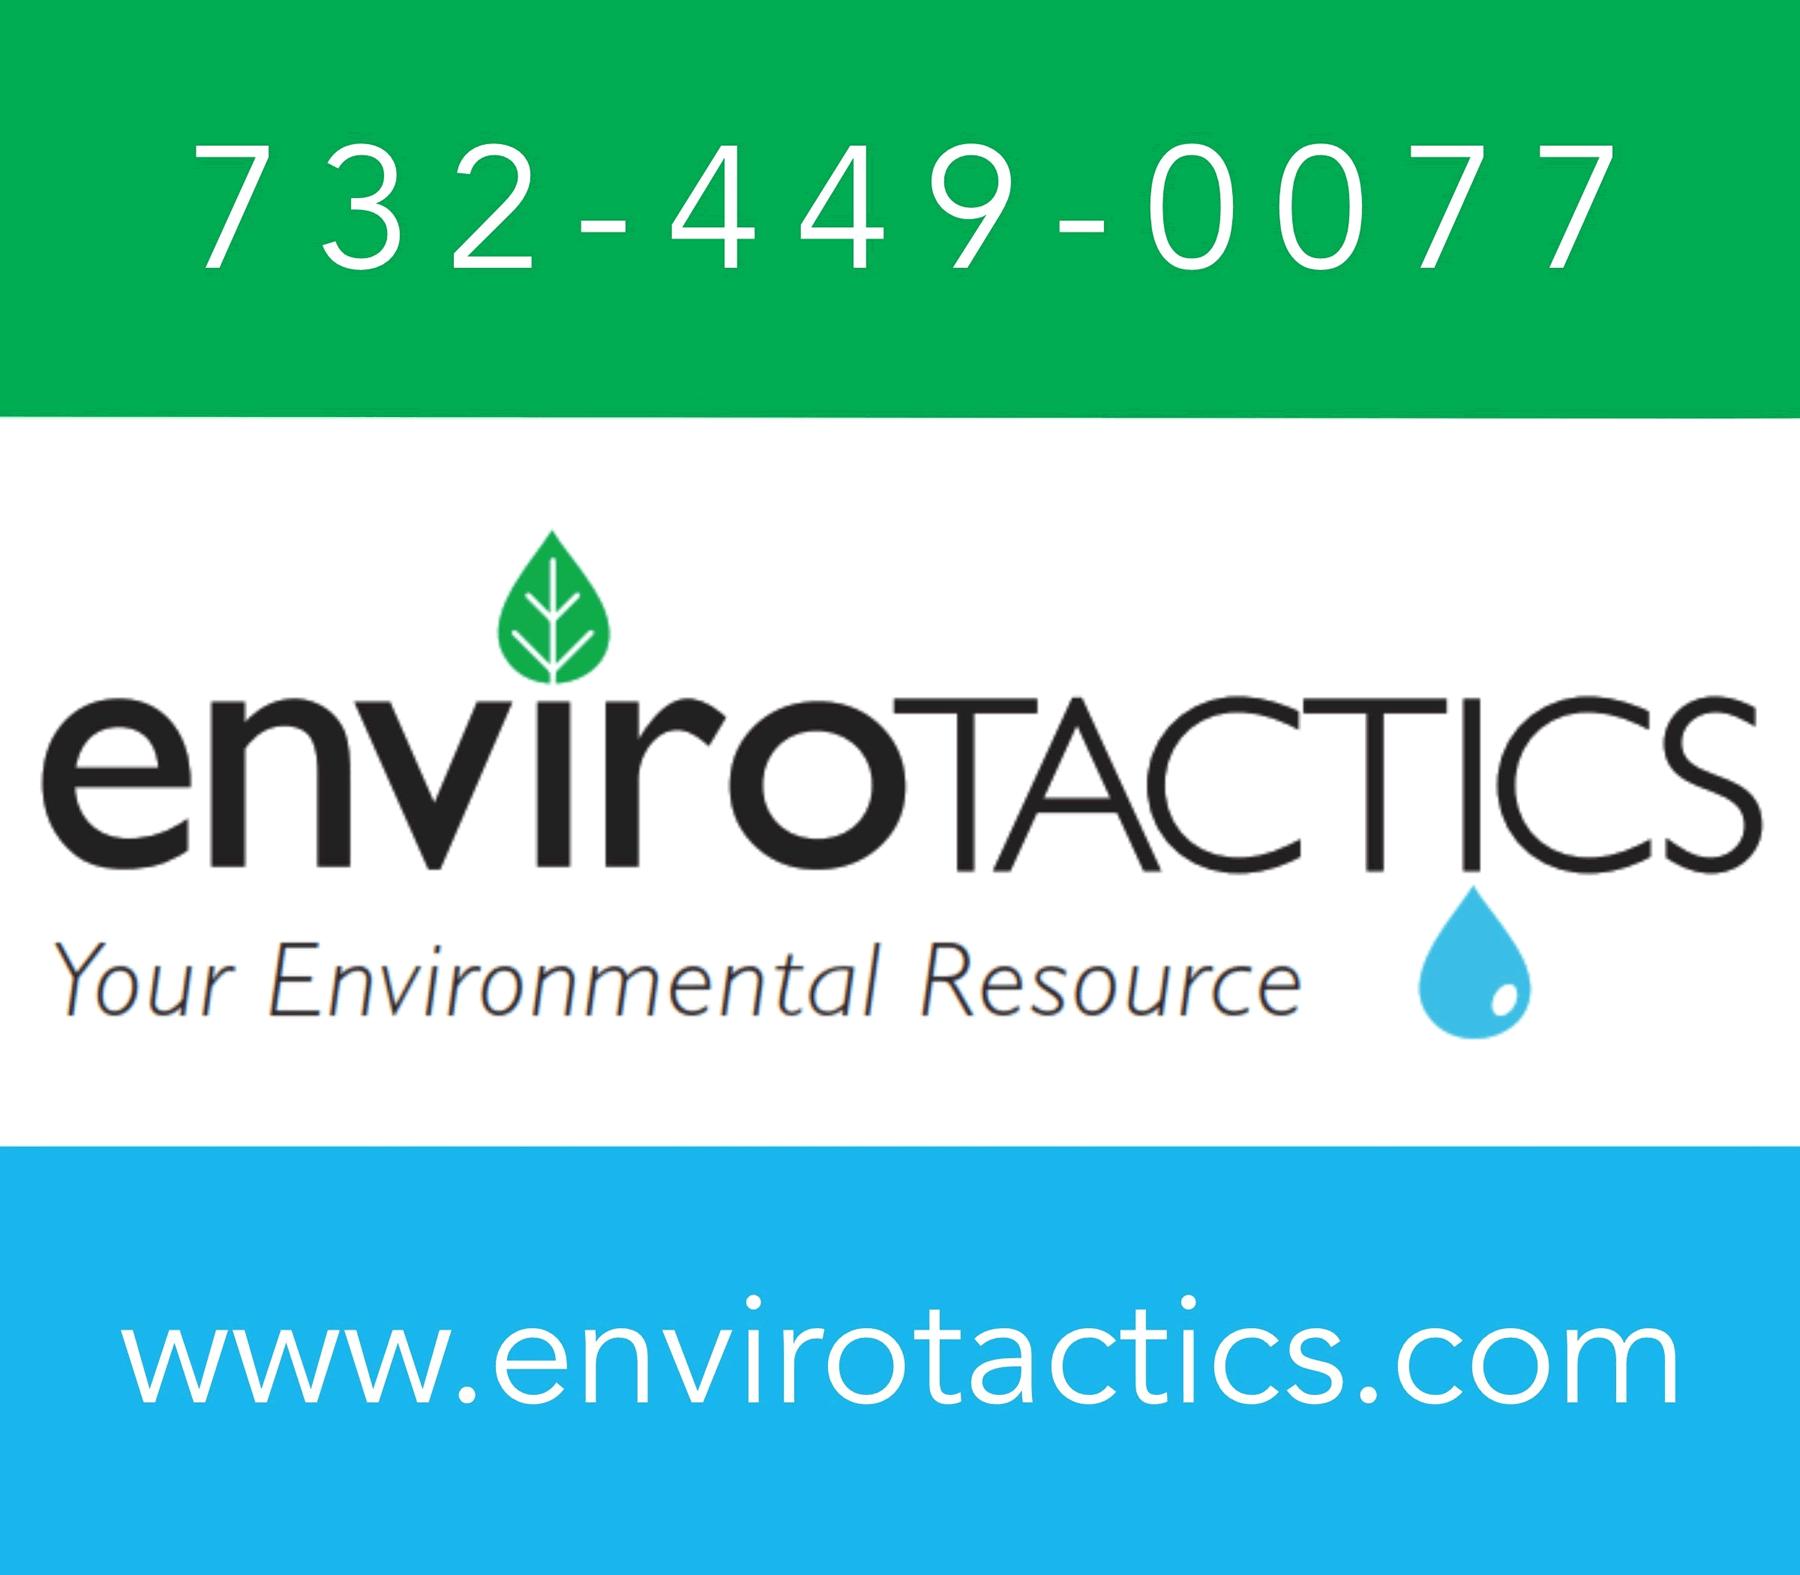 EnviroTactics